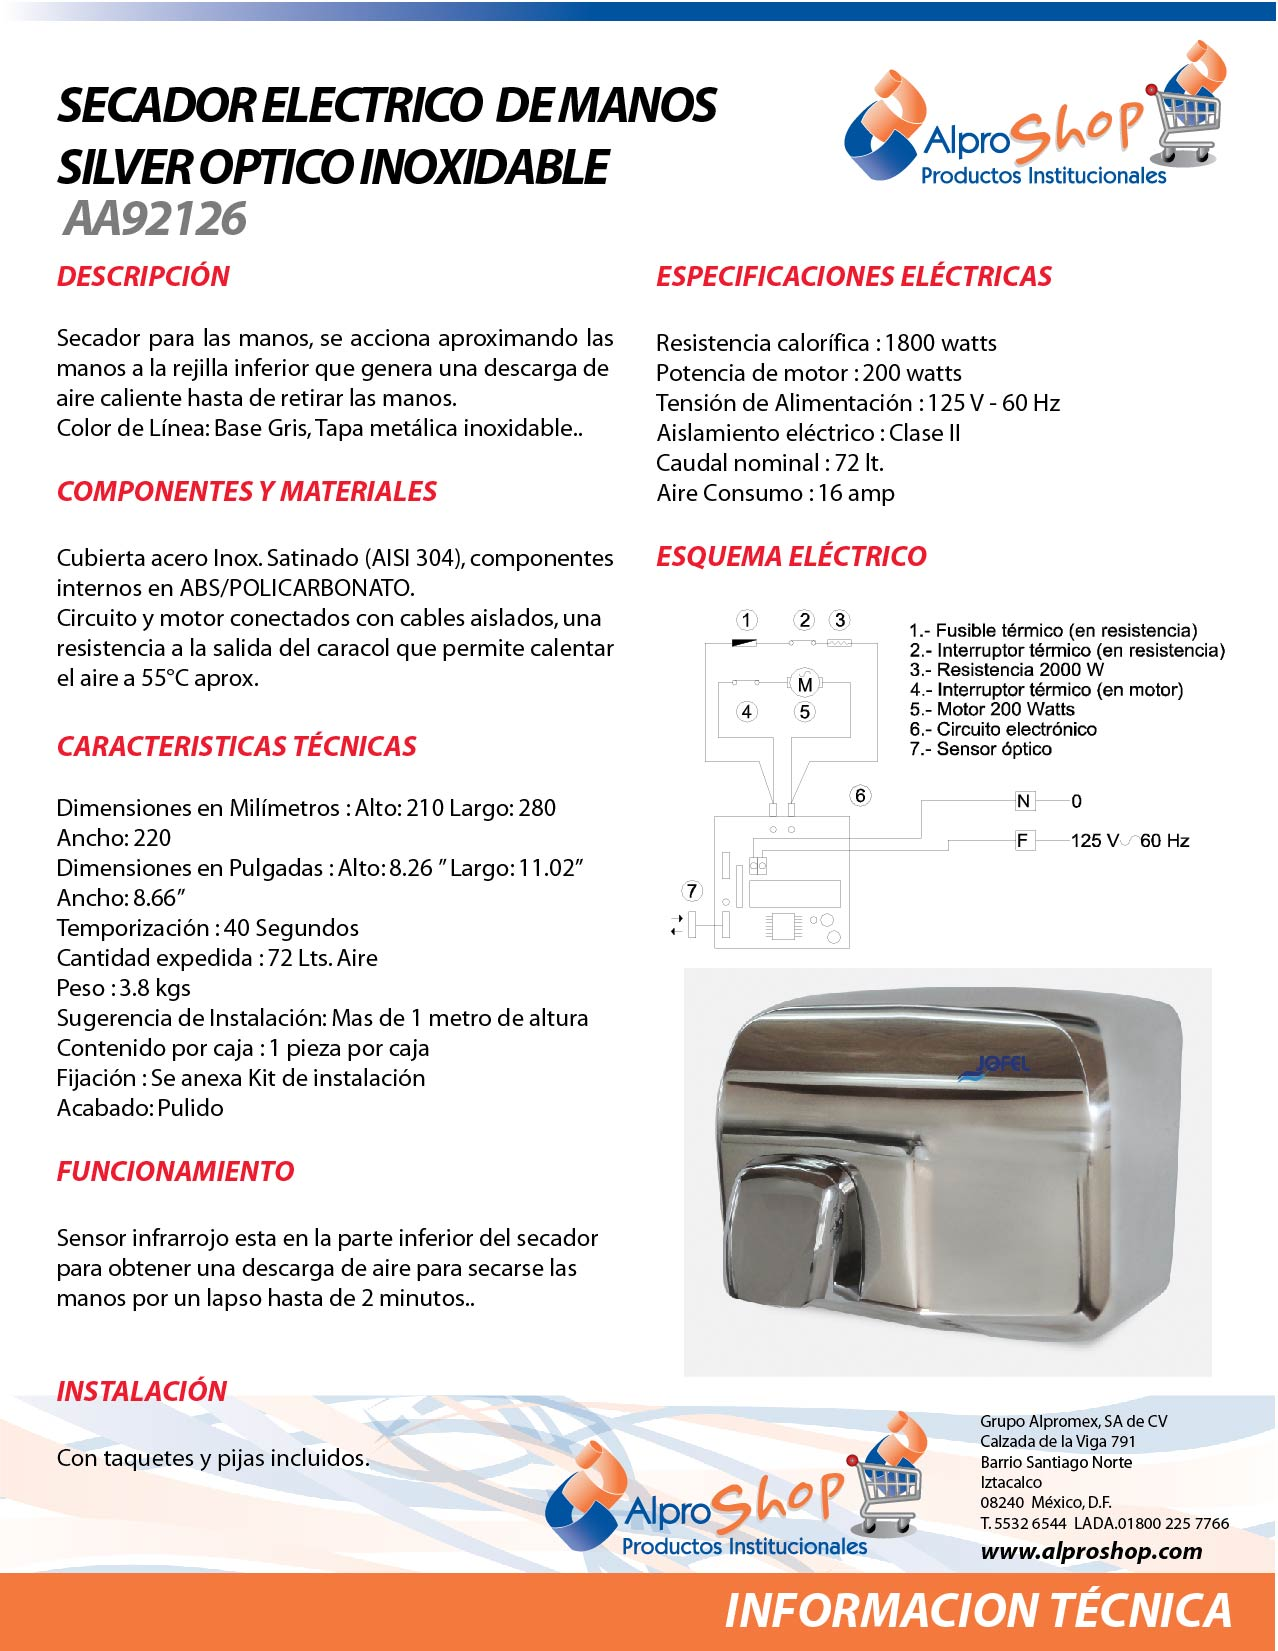 aa92126-secador-electrico-de-manos-silver.jpg